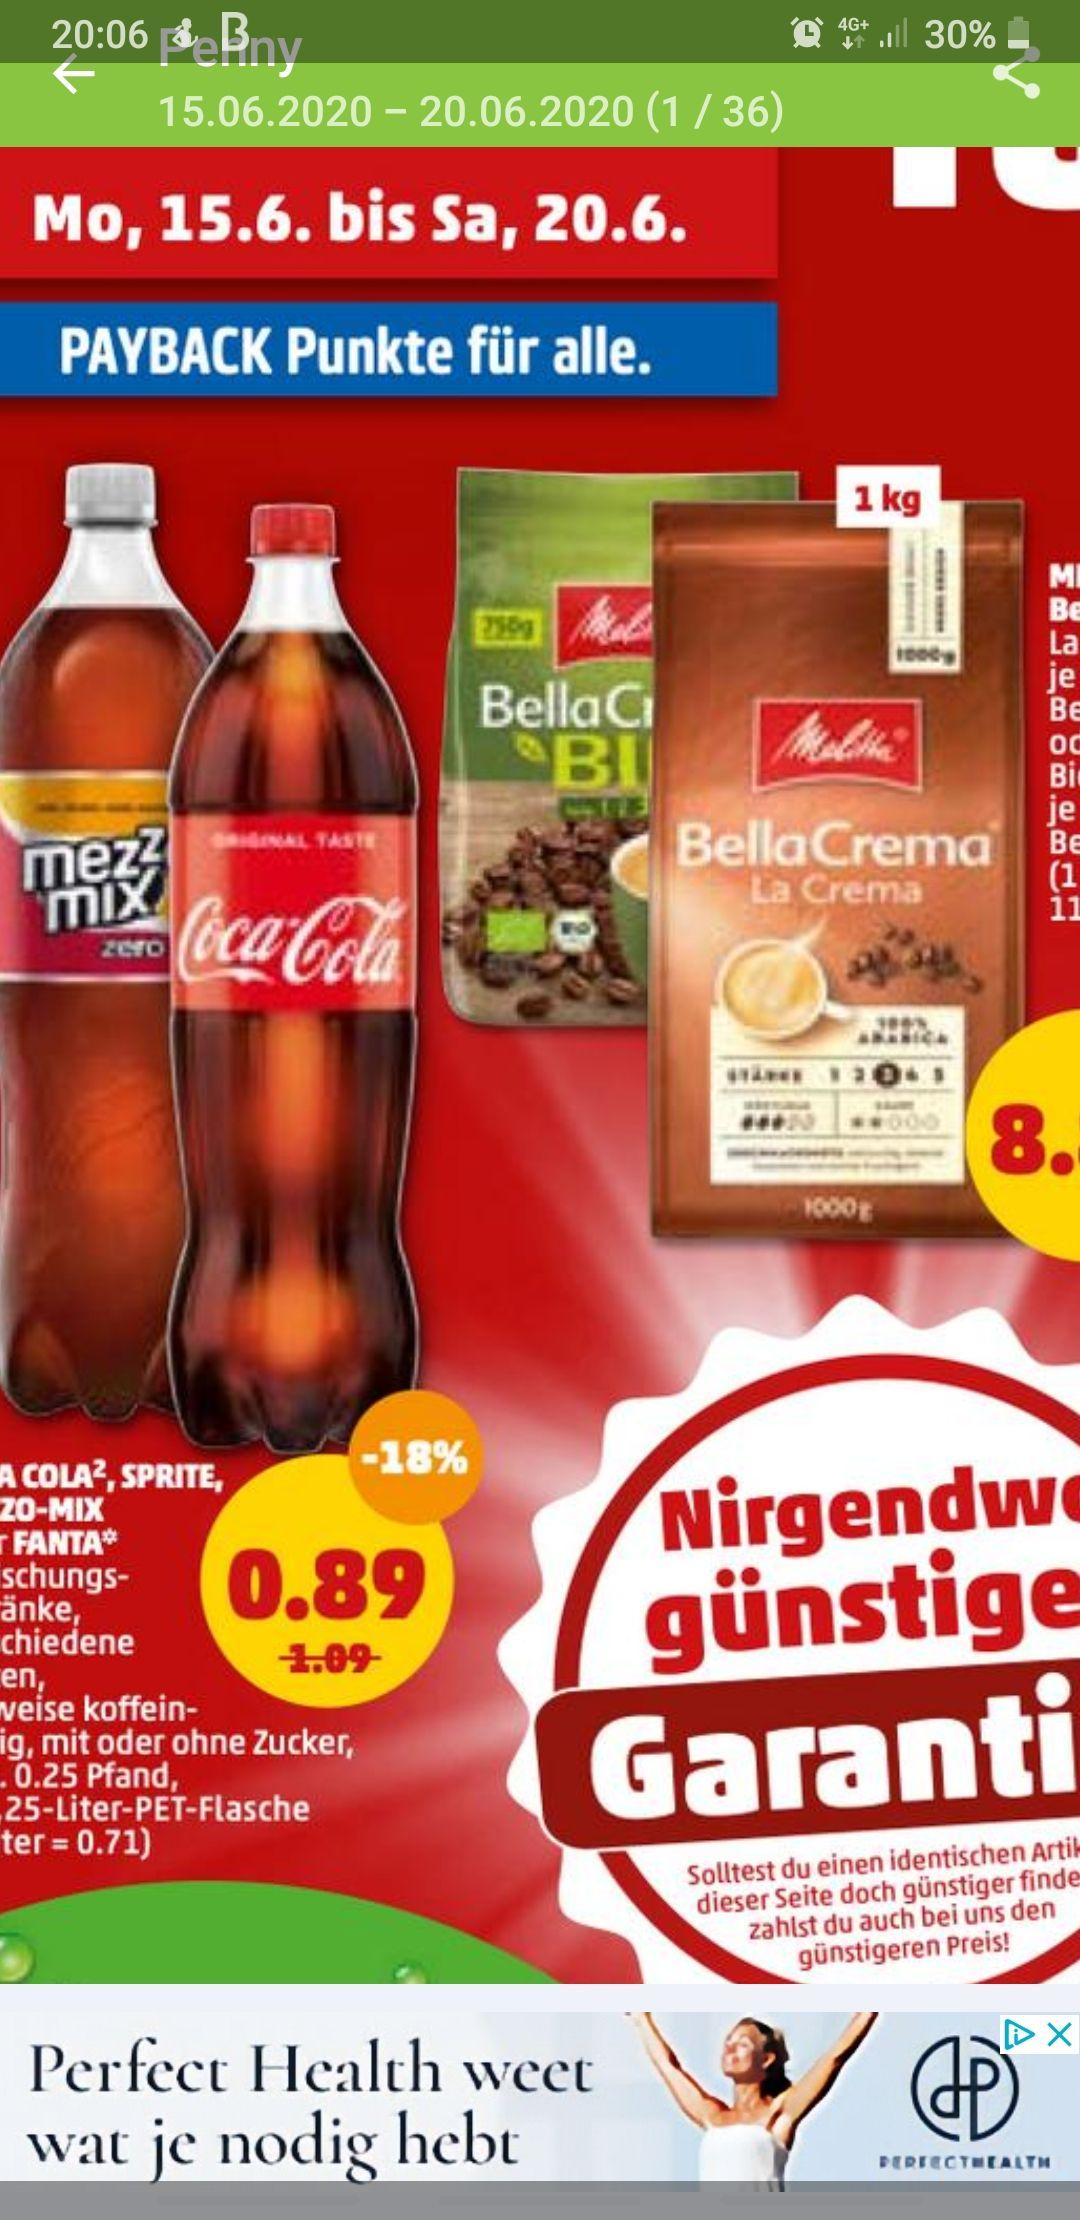 Grensdeal Coca Cola 1,25 liter voor slechts 0,89€ bij Penny.